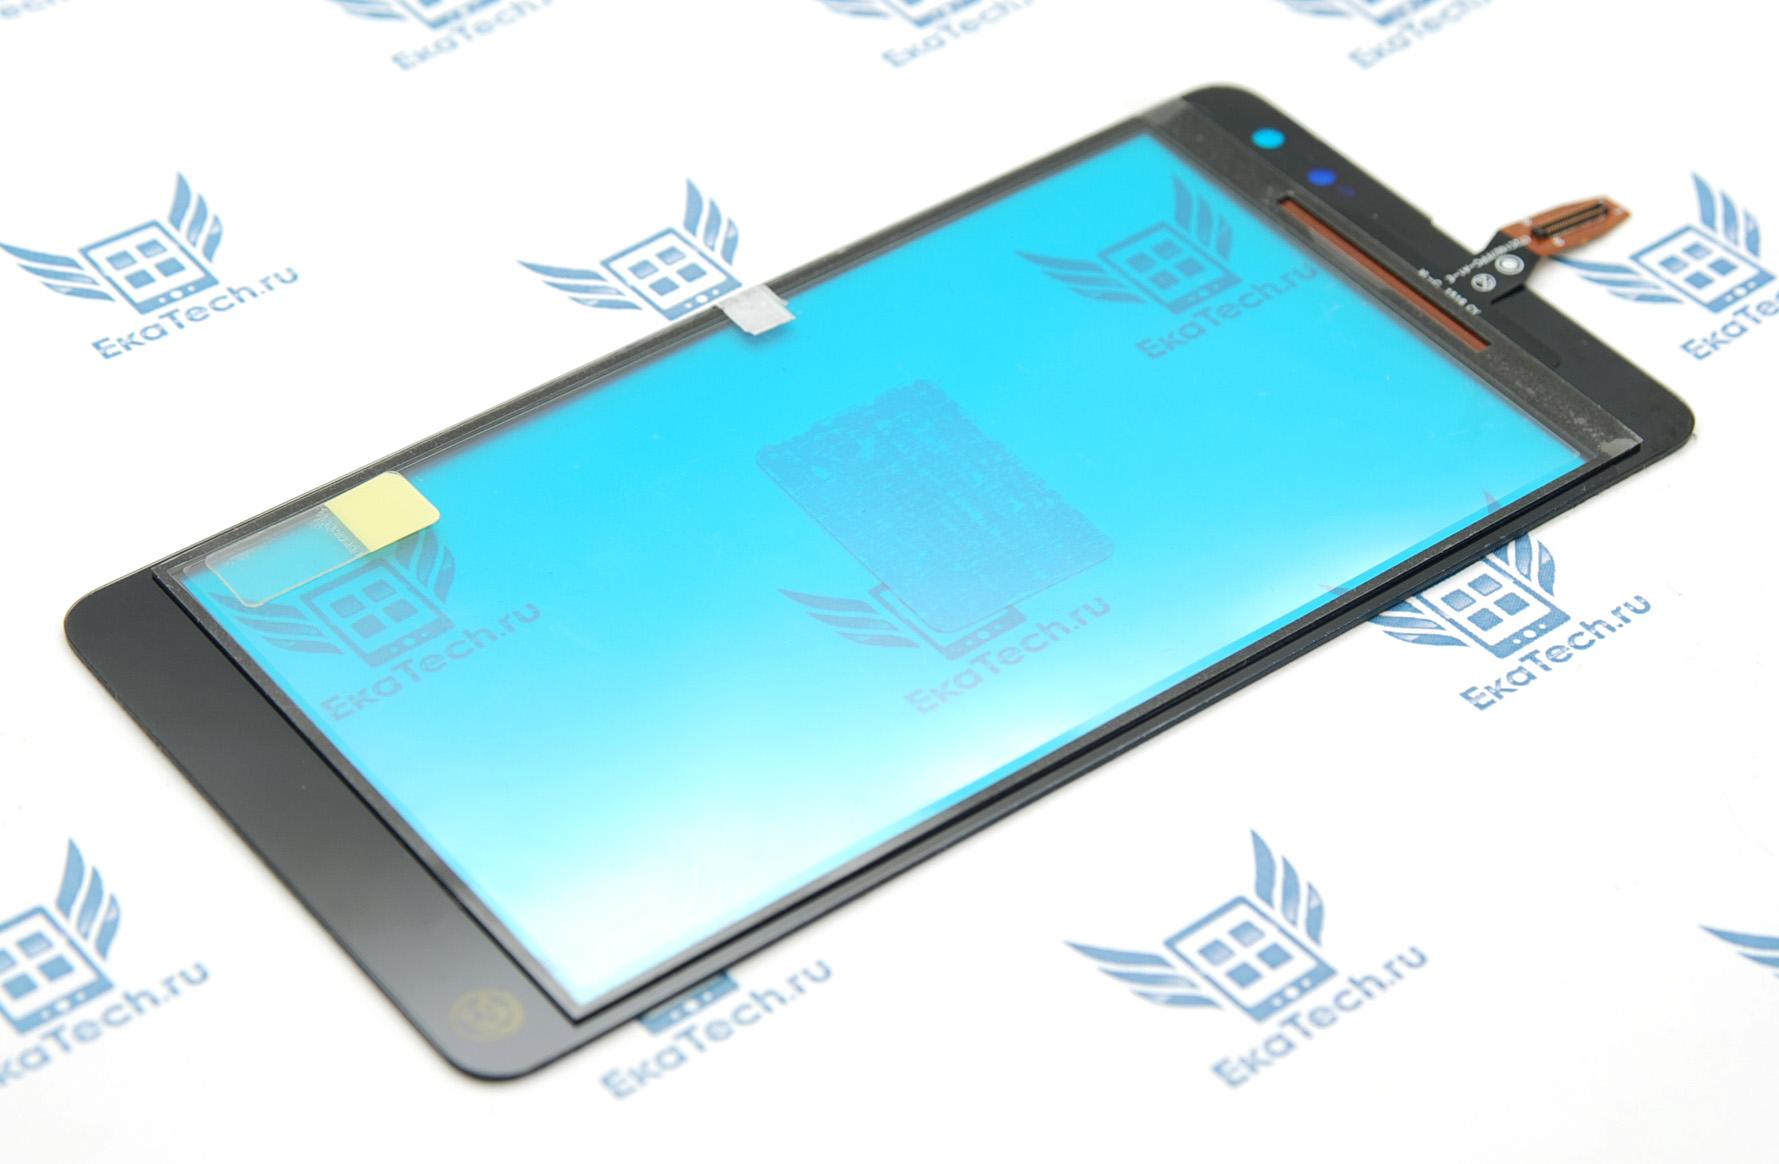 Тачскрин (сенсорное стекло) Microsoft Nokia 535 (RM-1090) (CT2C1607FPC) Lumia Dual Sim черный